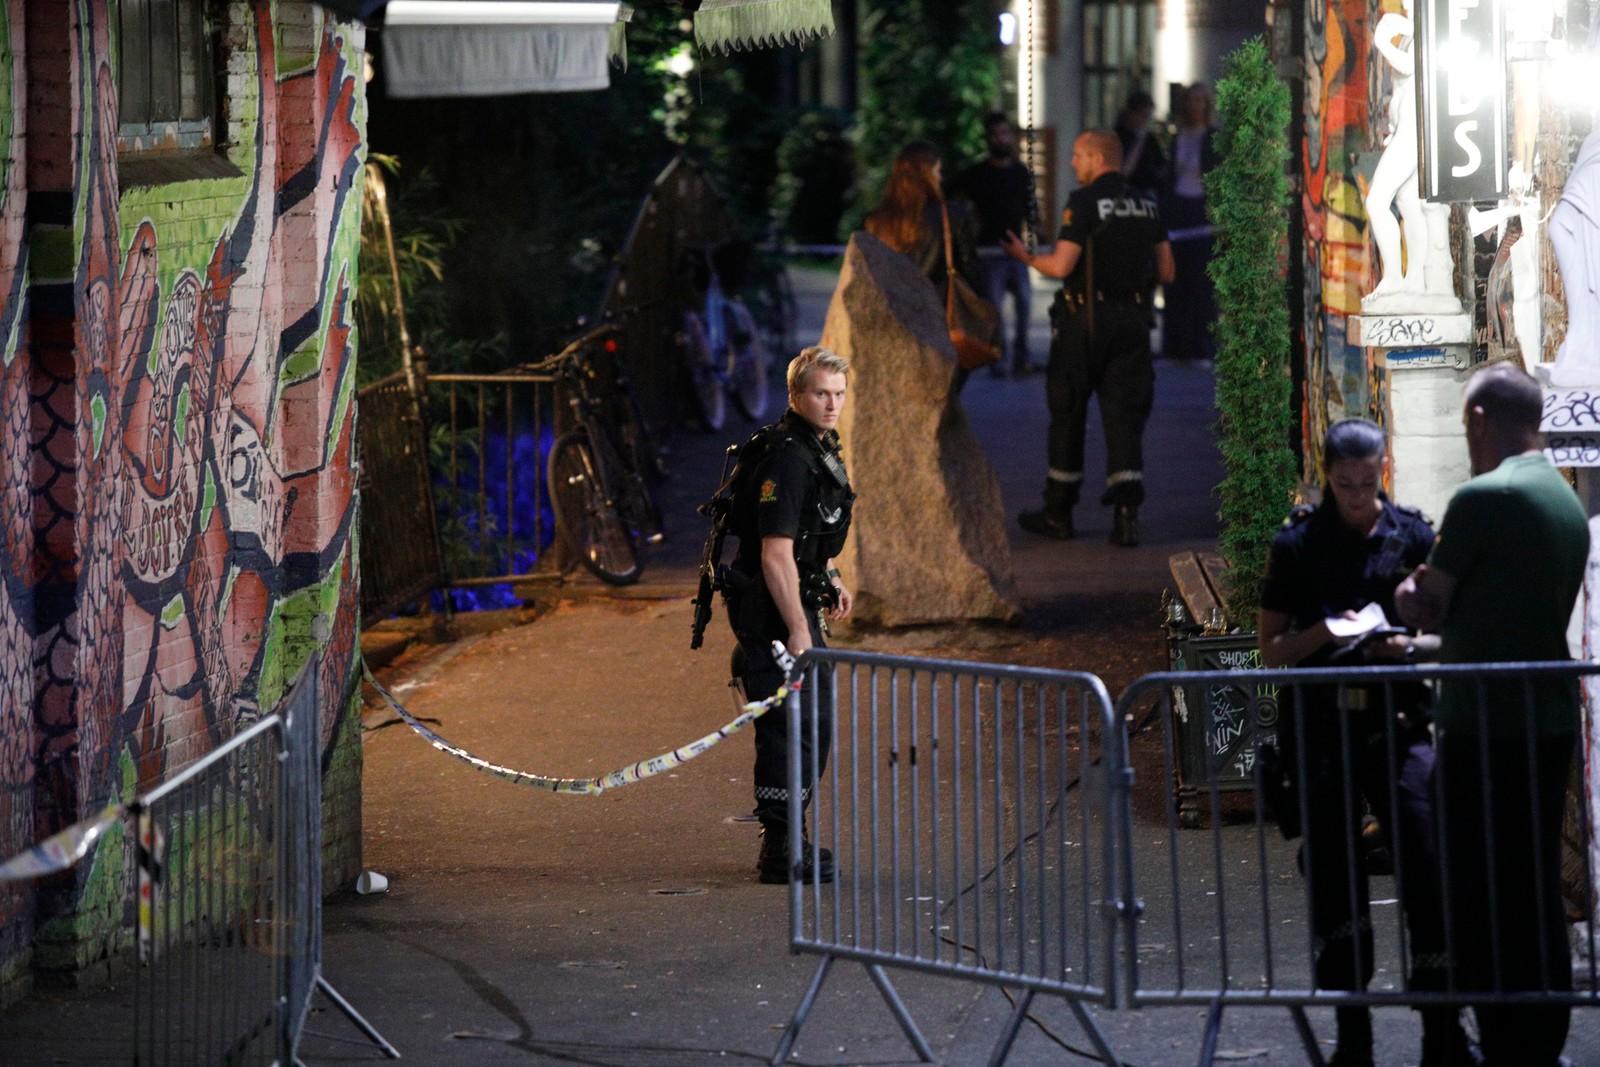 Politiet har sperret av området utenfor Blå.